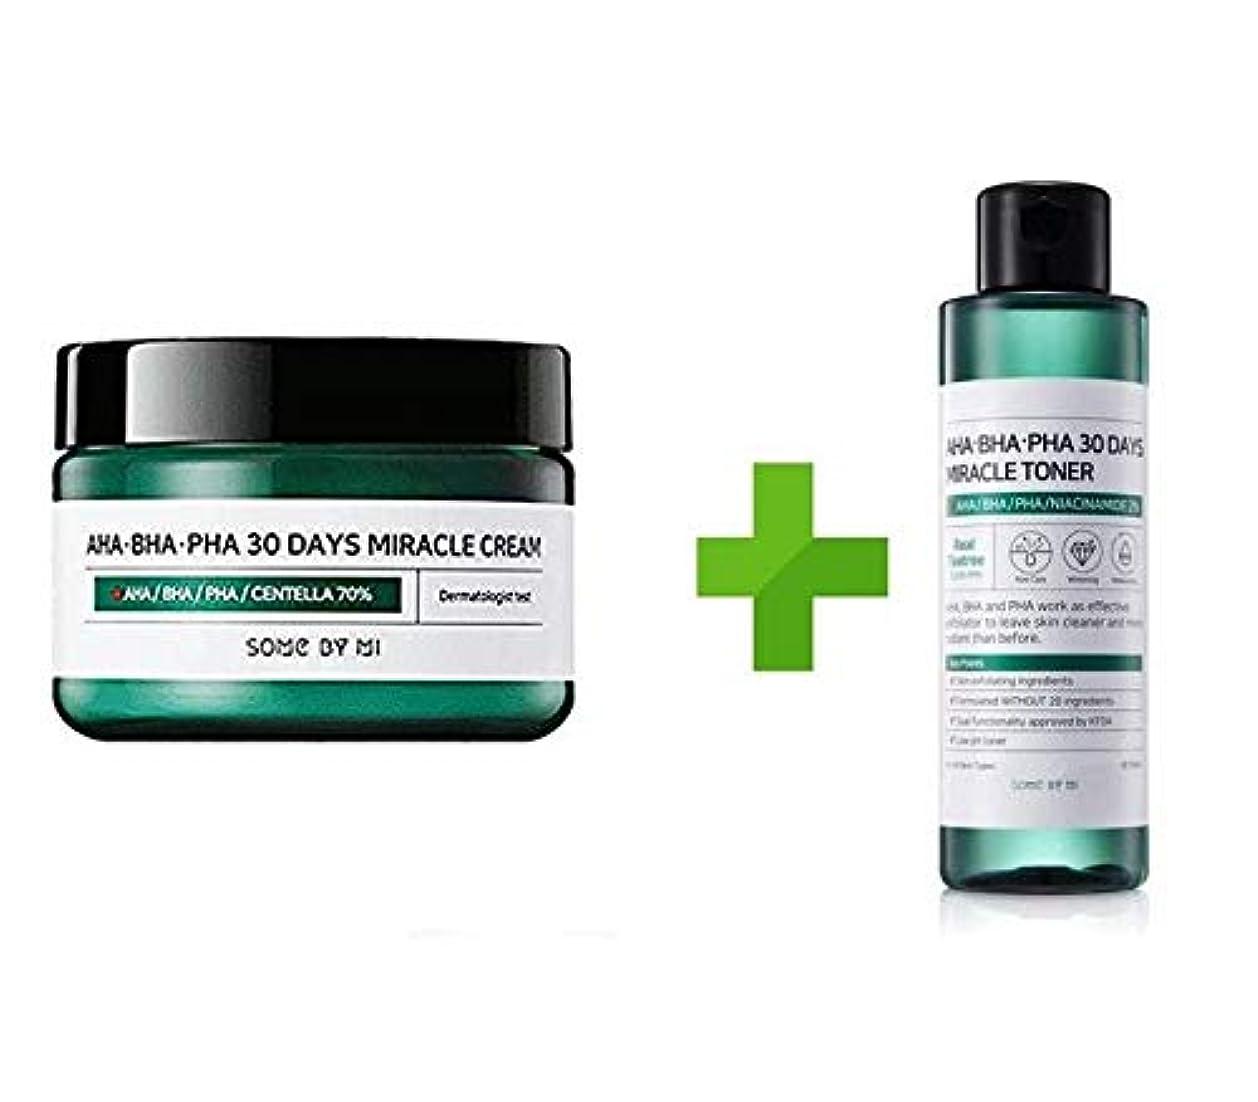 サスペンションマラソン袋Somebymi AHA BHA PHA Miracle Cream (50ml + Toner 150ml)Skin Barrier & Recovery, Soothing with Tea Tree 10,000ppm...